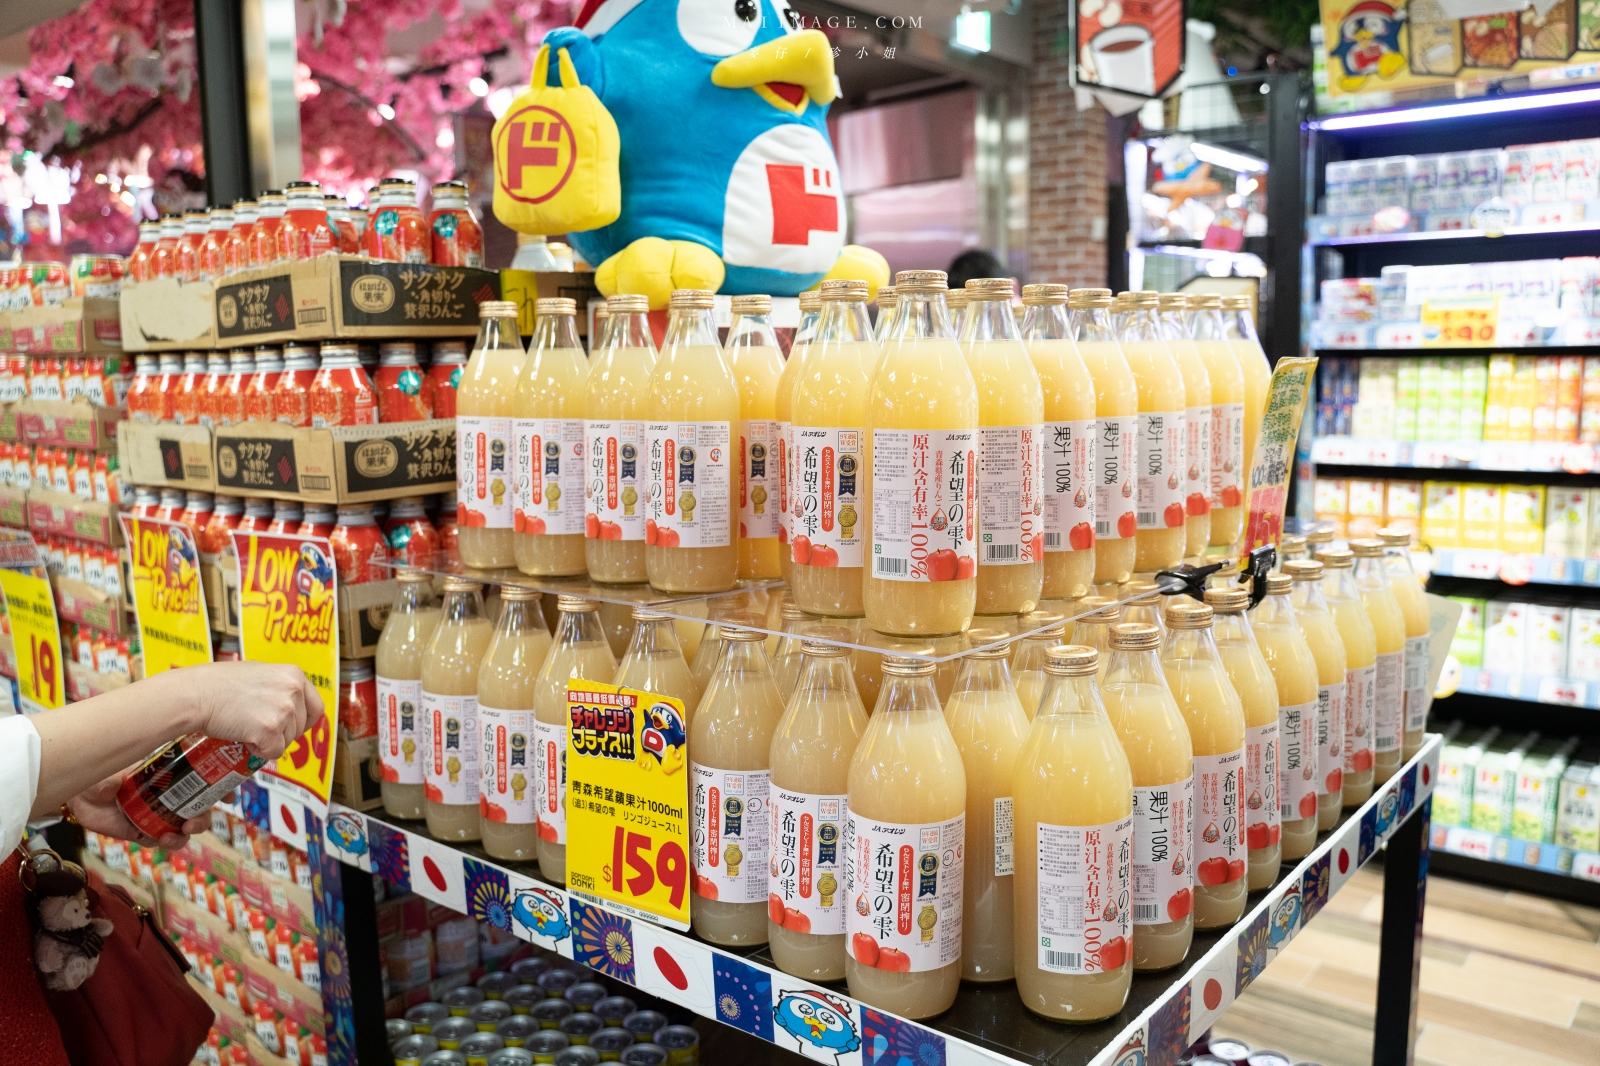 DONKI驚安殿堂台灣一號店 (唐吉軻德)這時間點去就對了~TOP 必買商品、半價限量看這邊